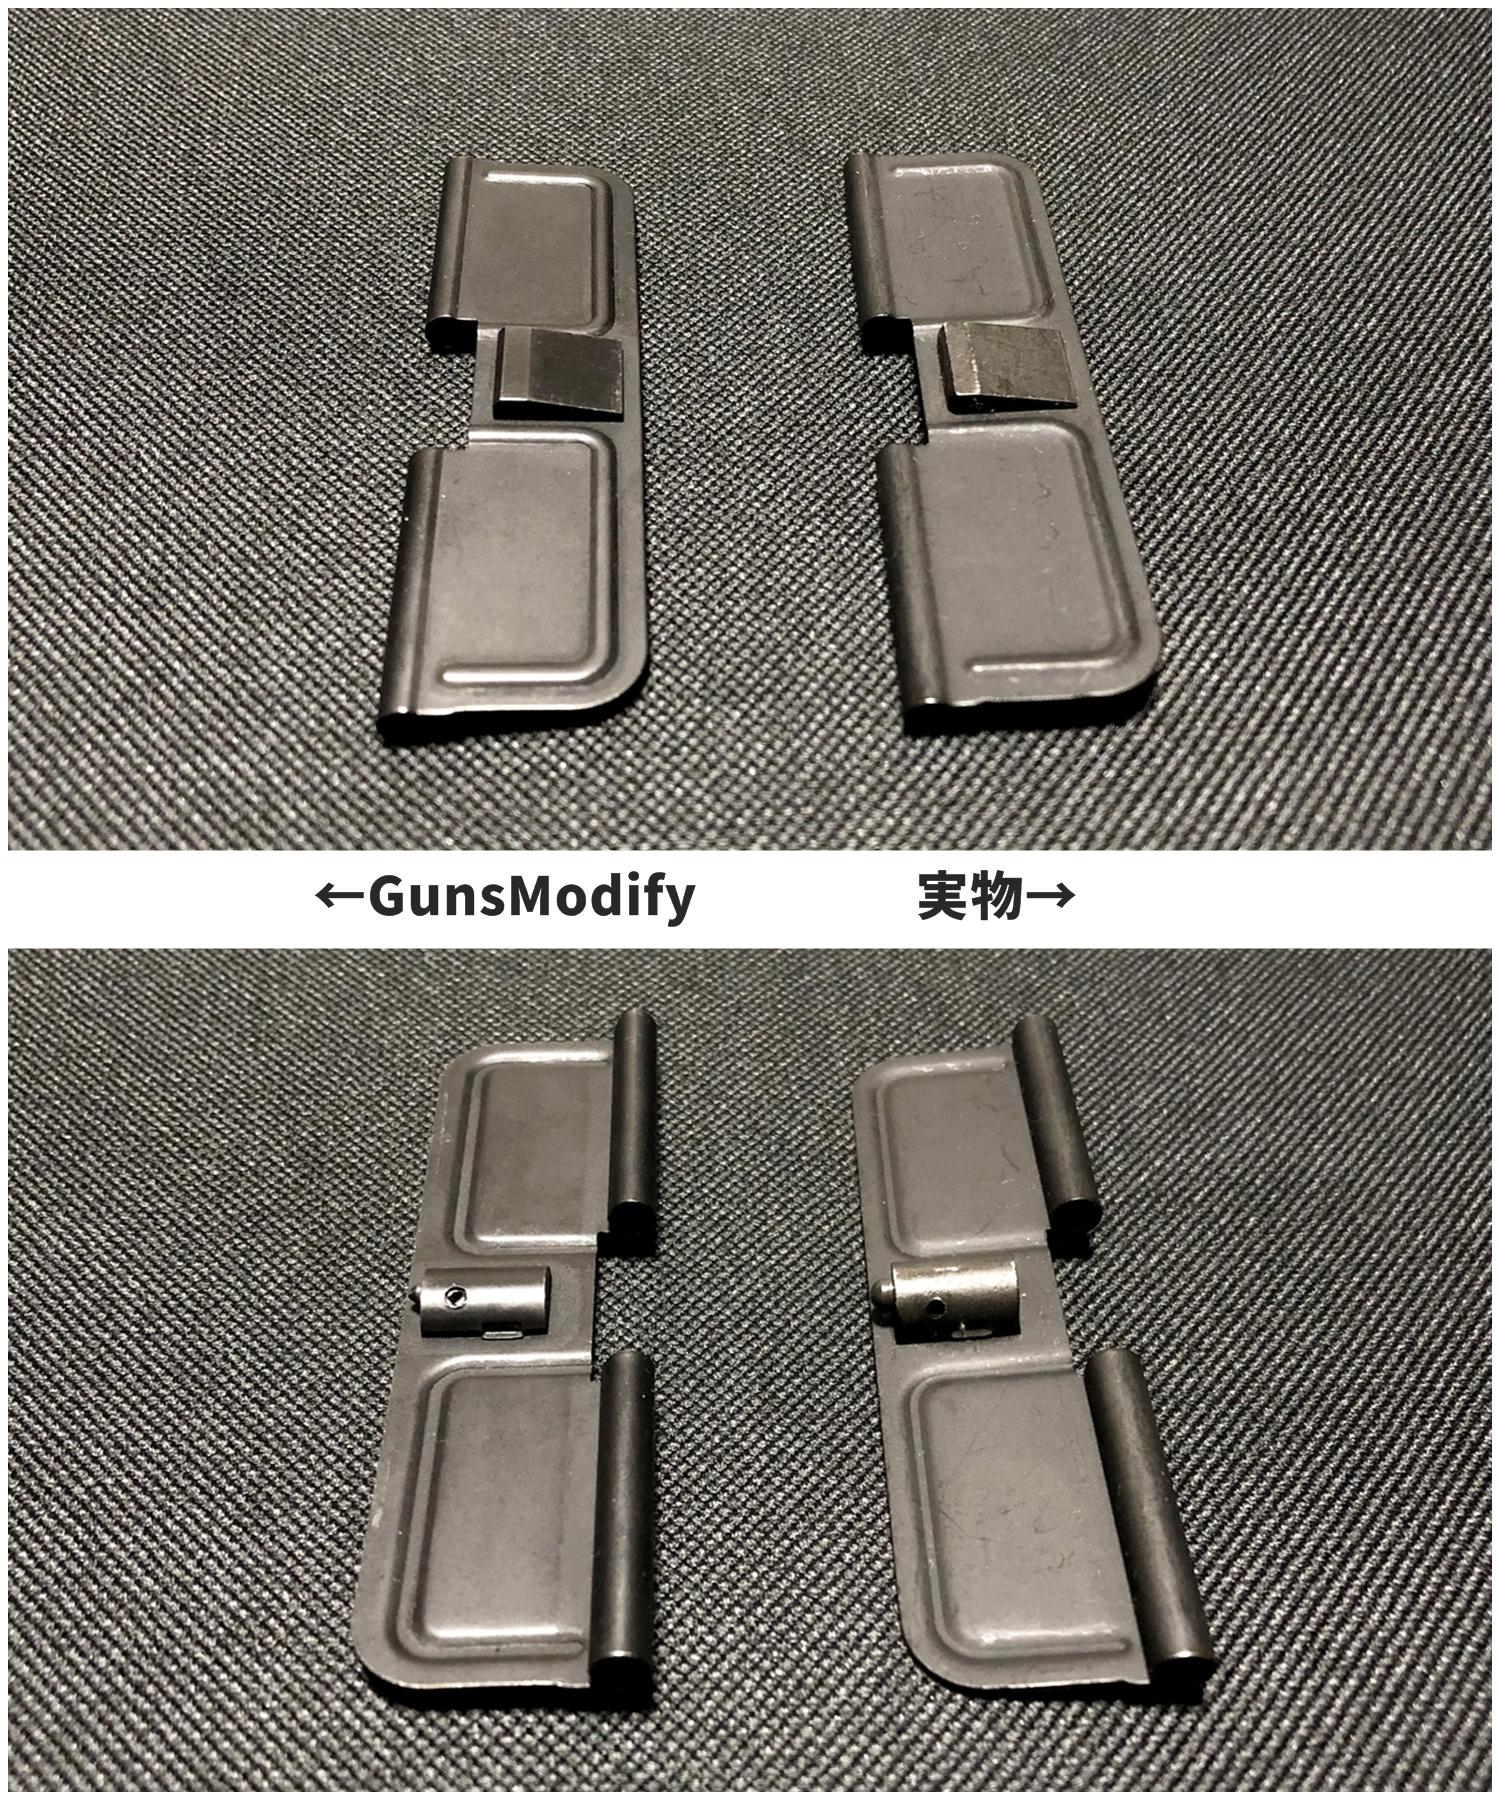 10『実物』 vs 『レプリカ』 ダストカバー & ガスチューブ を考える!! 次世代 M4 CQB-R アッパーフレーム ポートカバー カスタム 検証 取付 レビュー!!